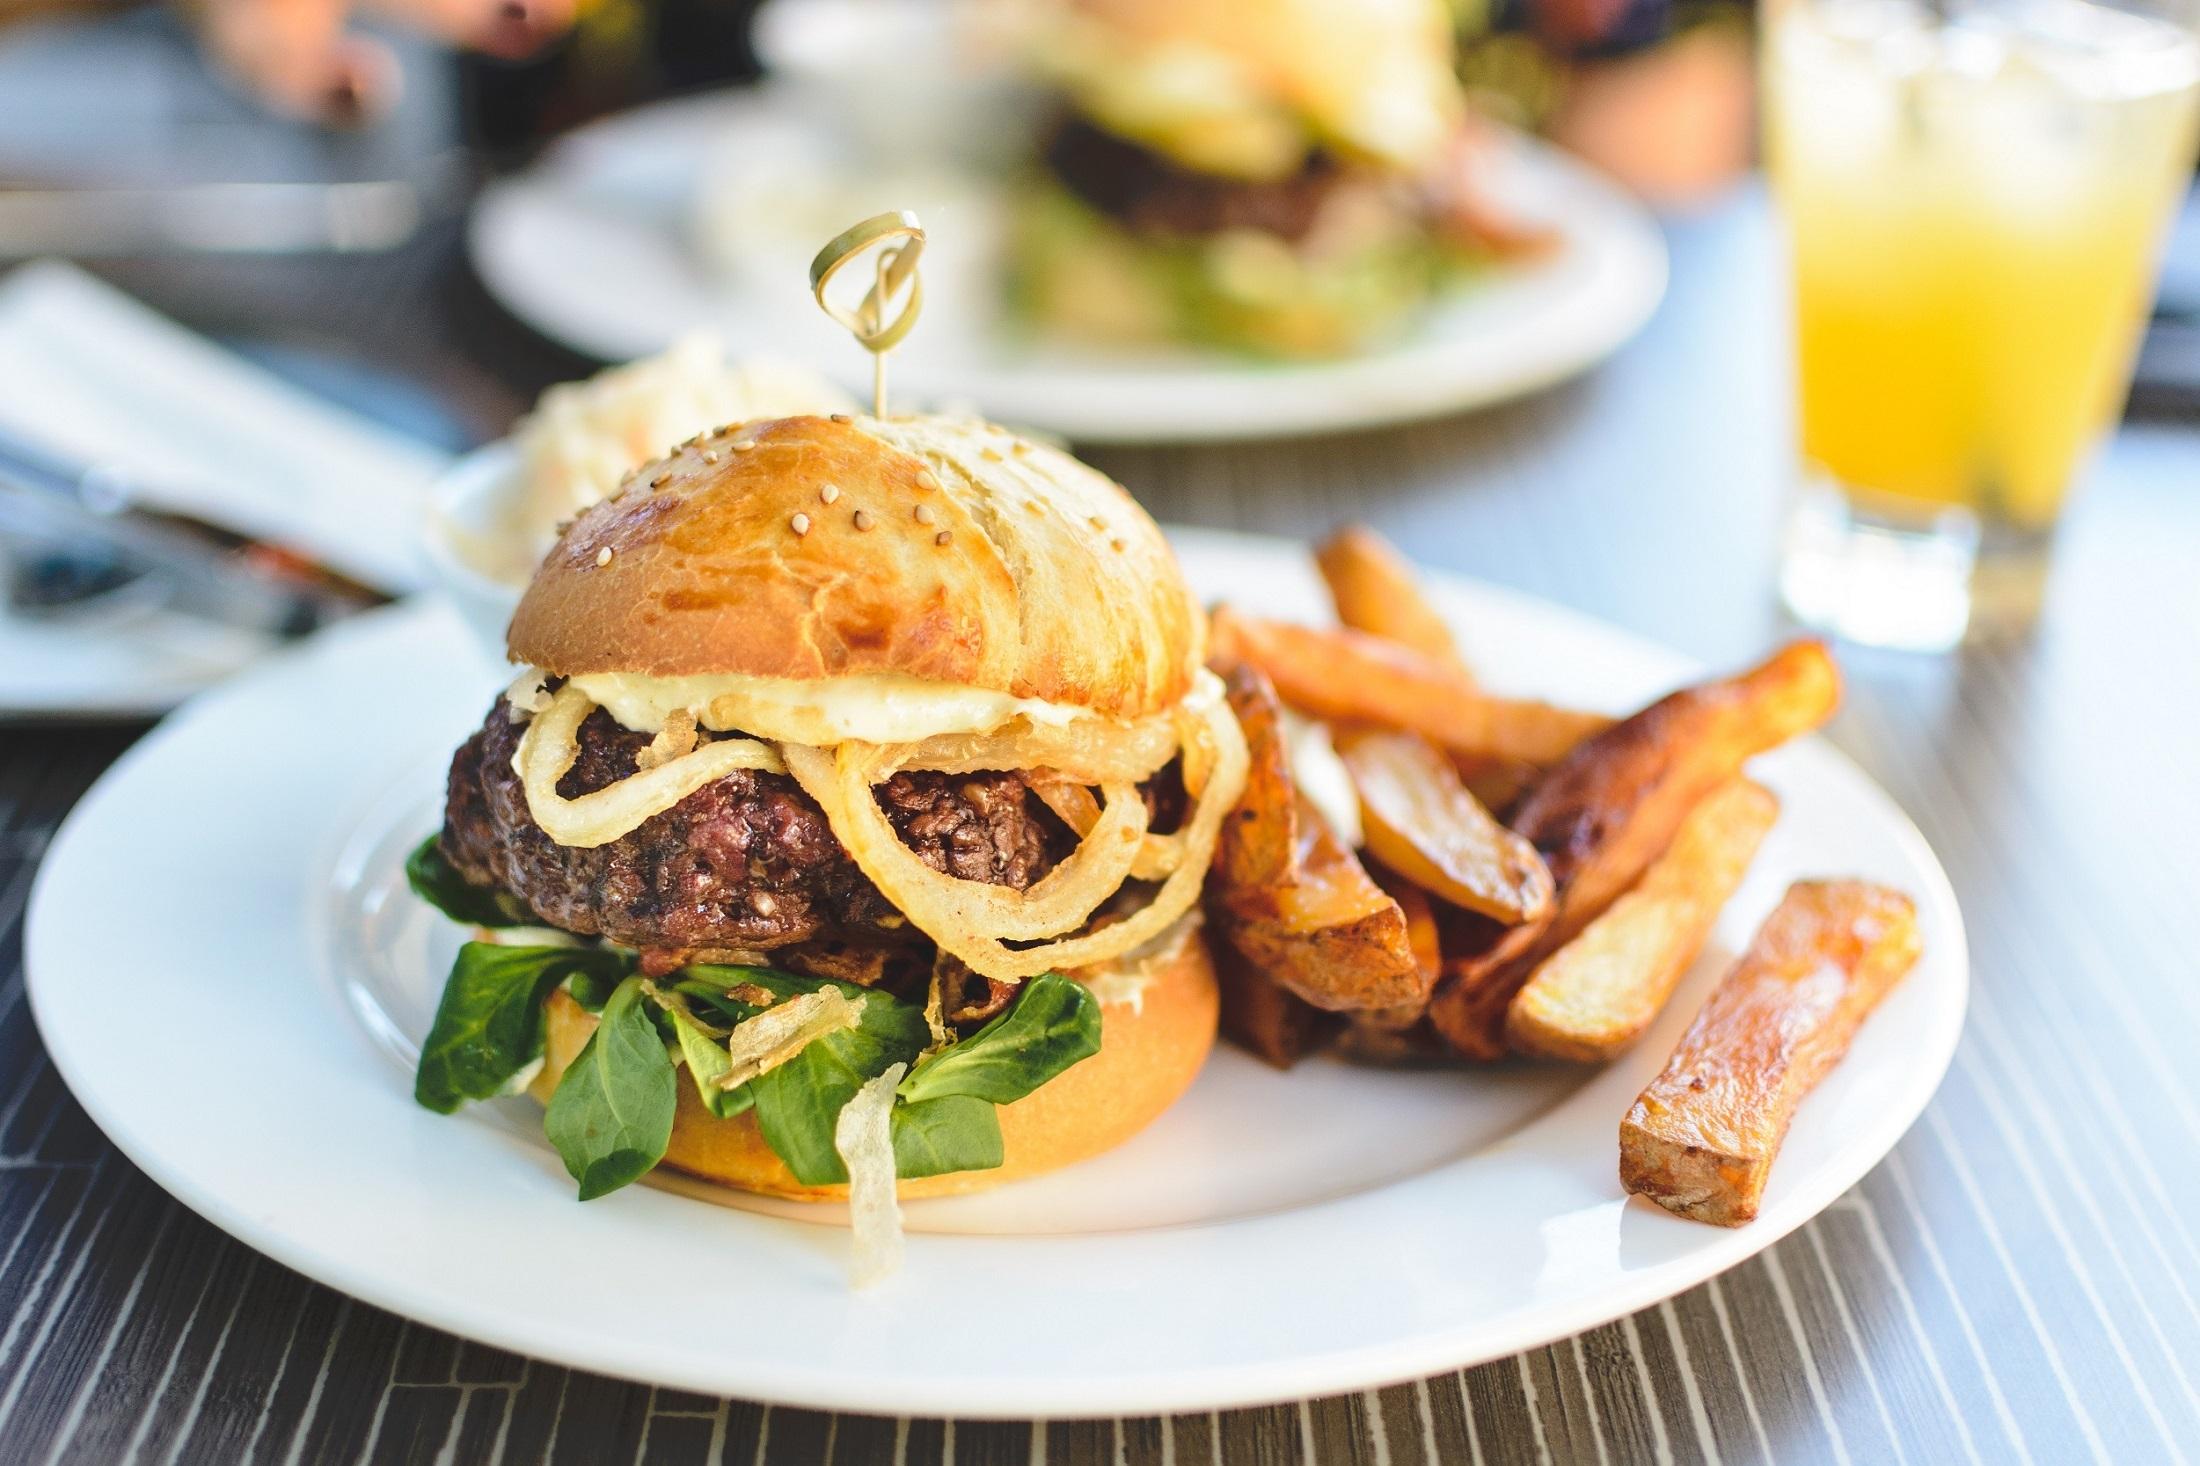 Basta um hambúrguer para afetar o metabolismo e aumentar o risco de diabetes